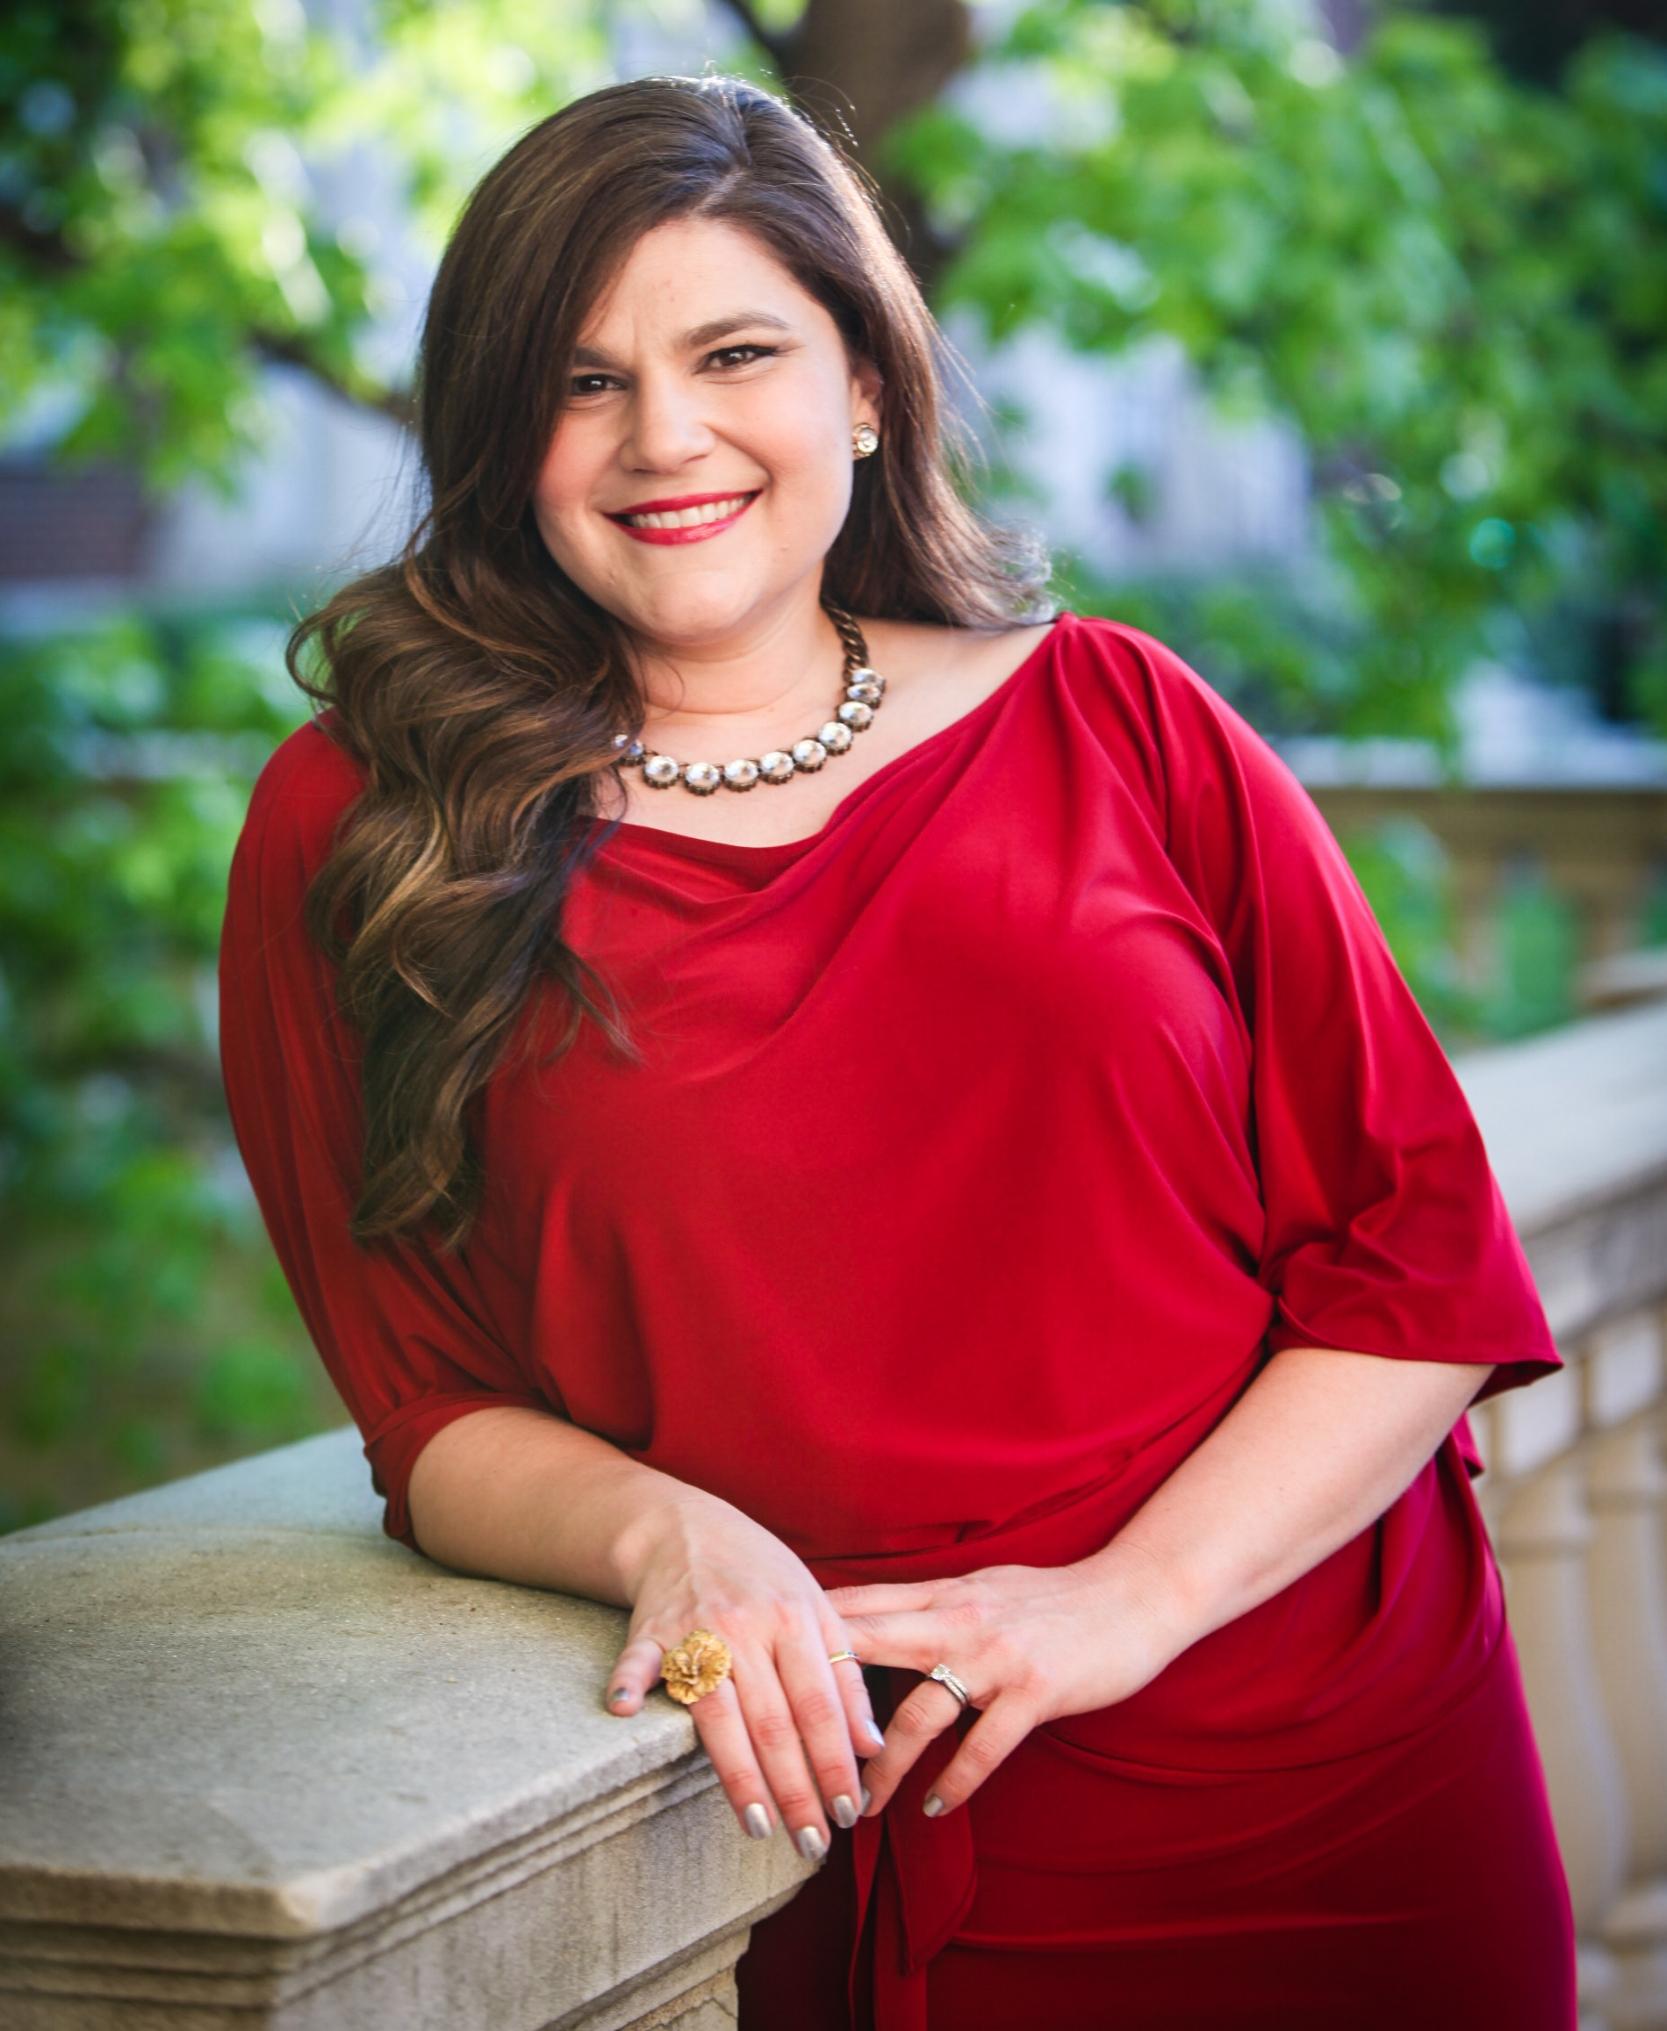 Tiffany Ashenfelter Polished Dallas